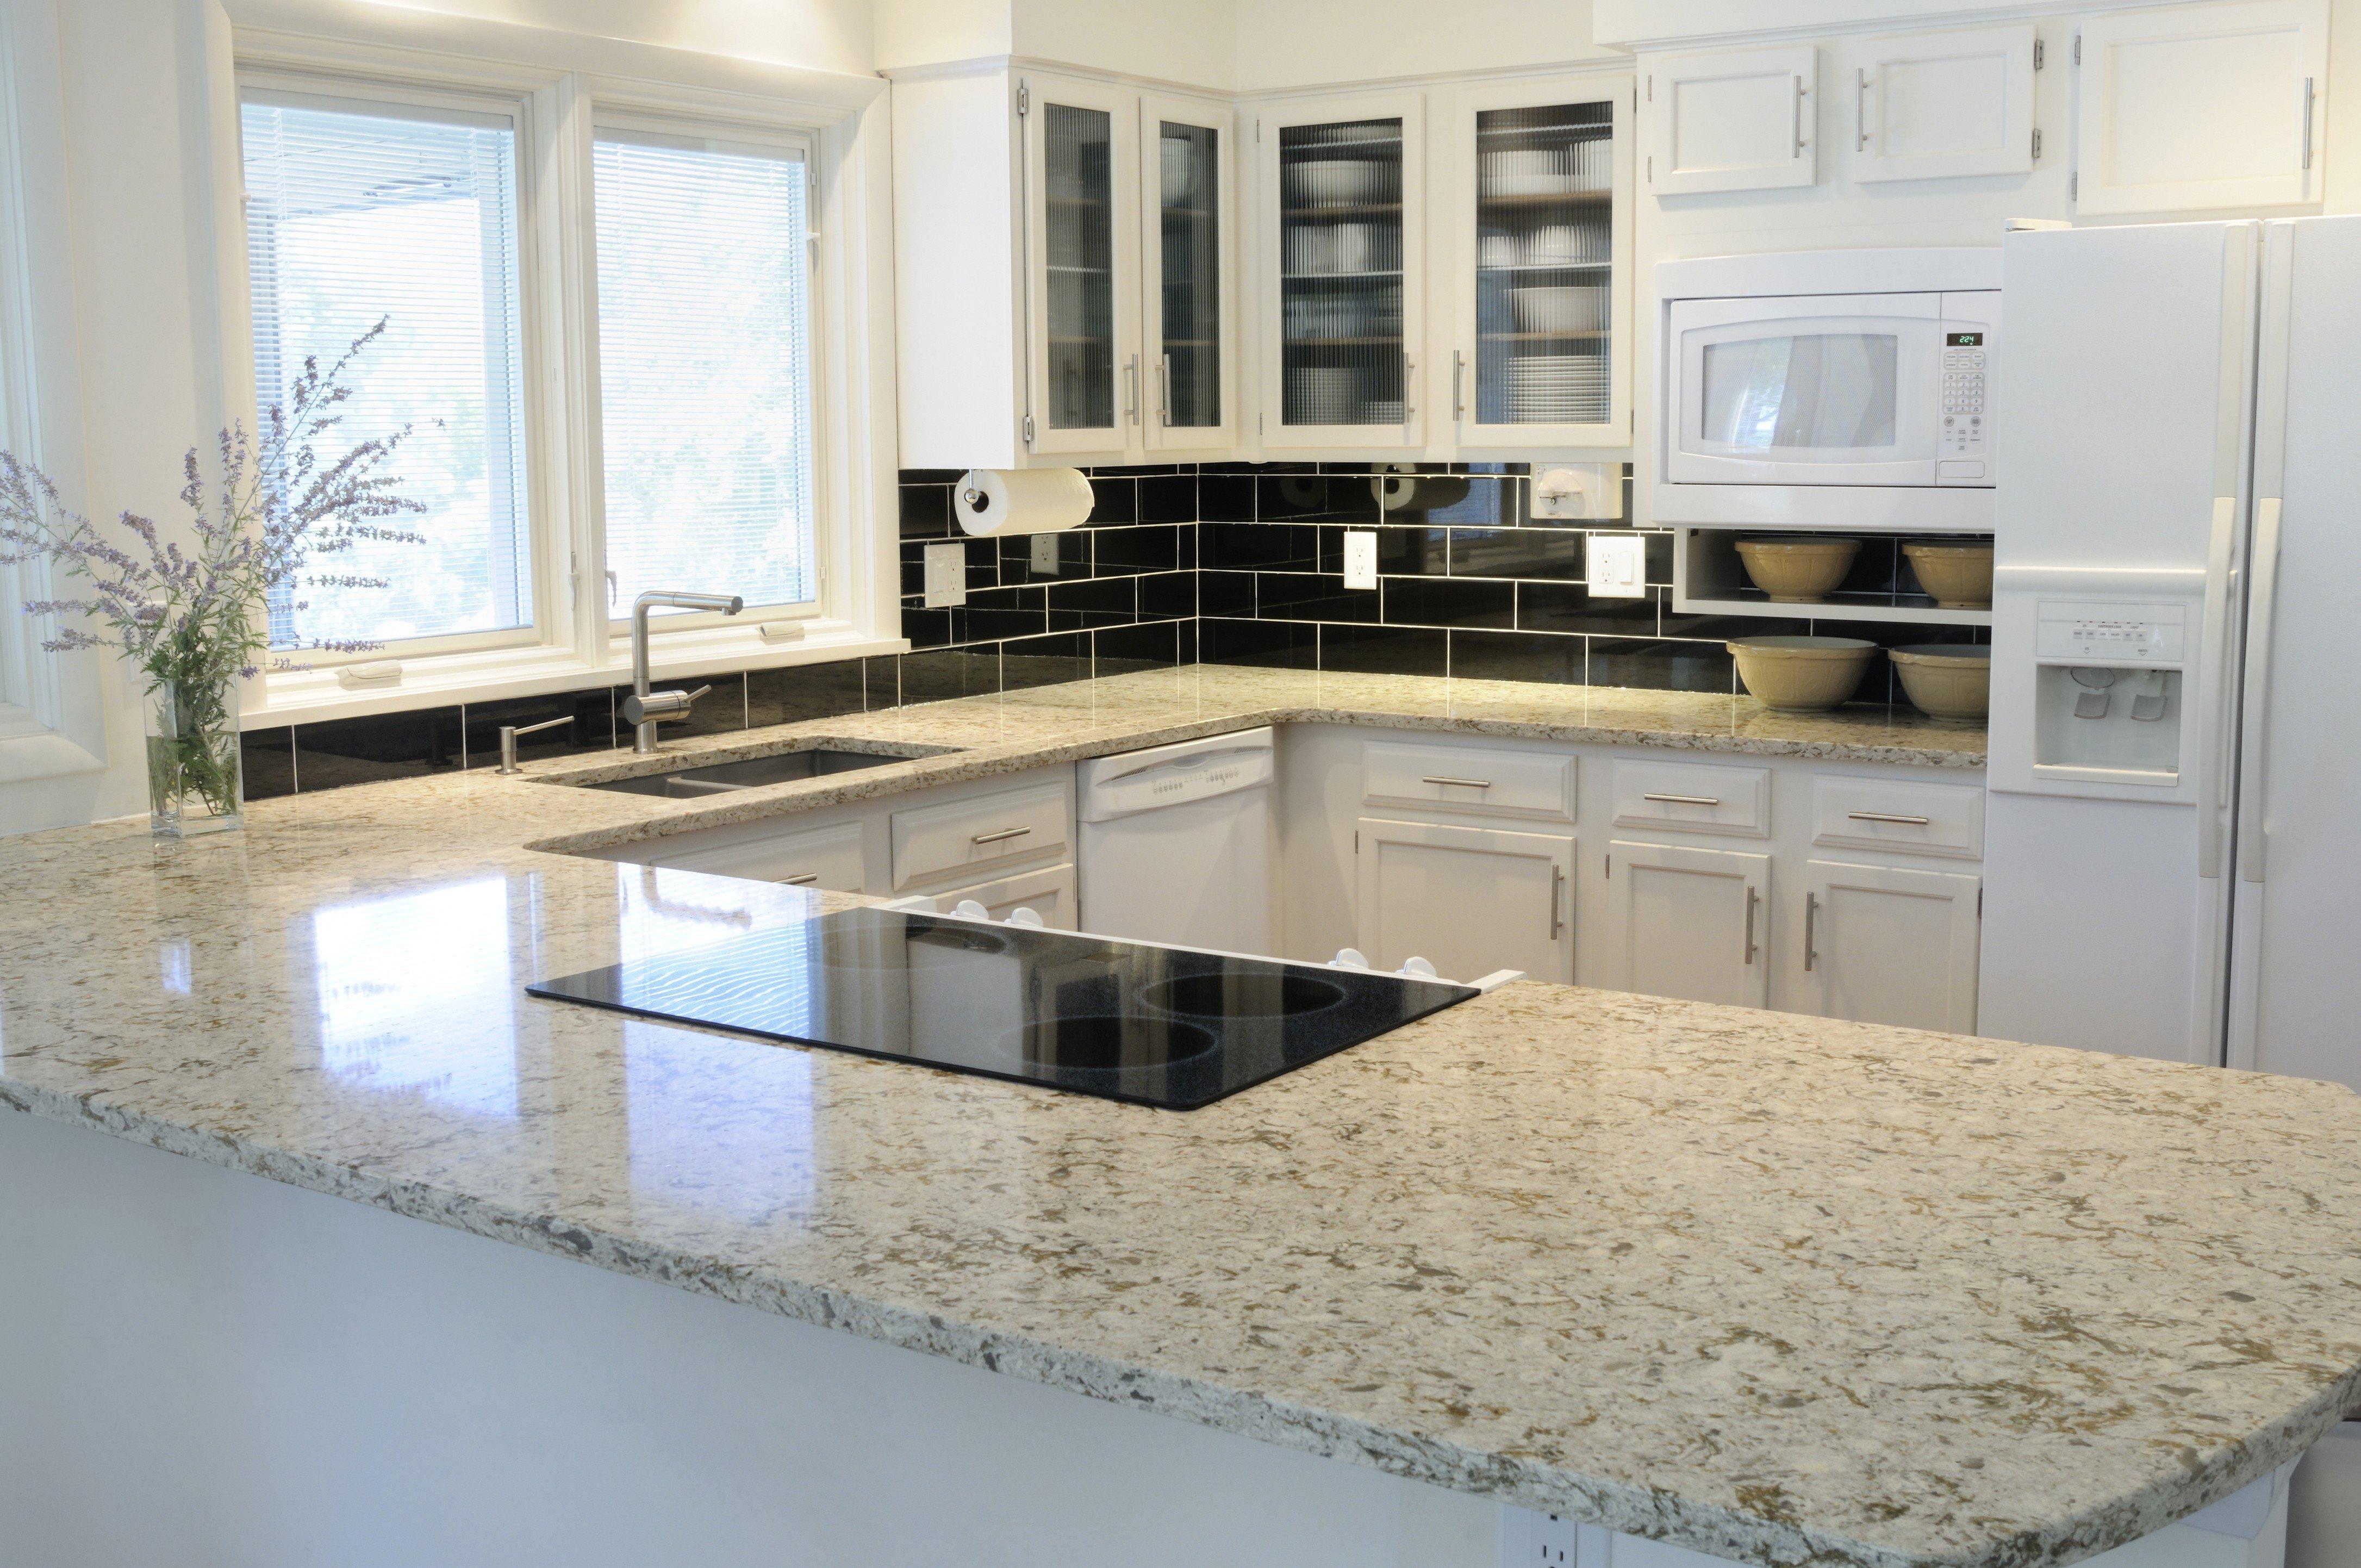 APEX Kitchen Cabinet and Granite Countertop image 2